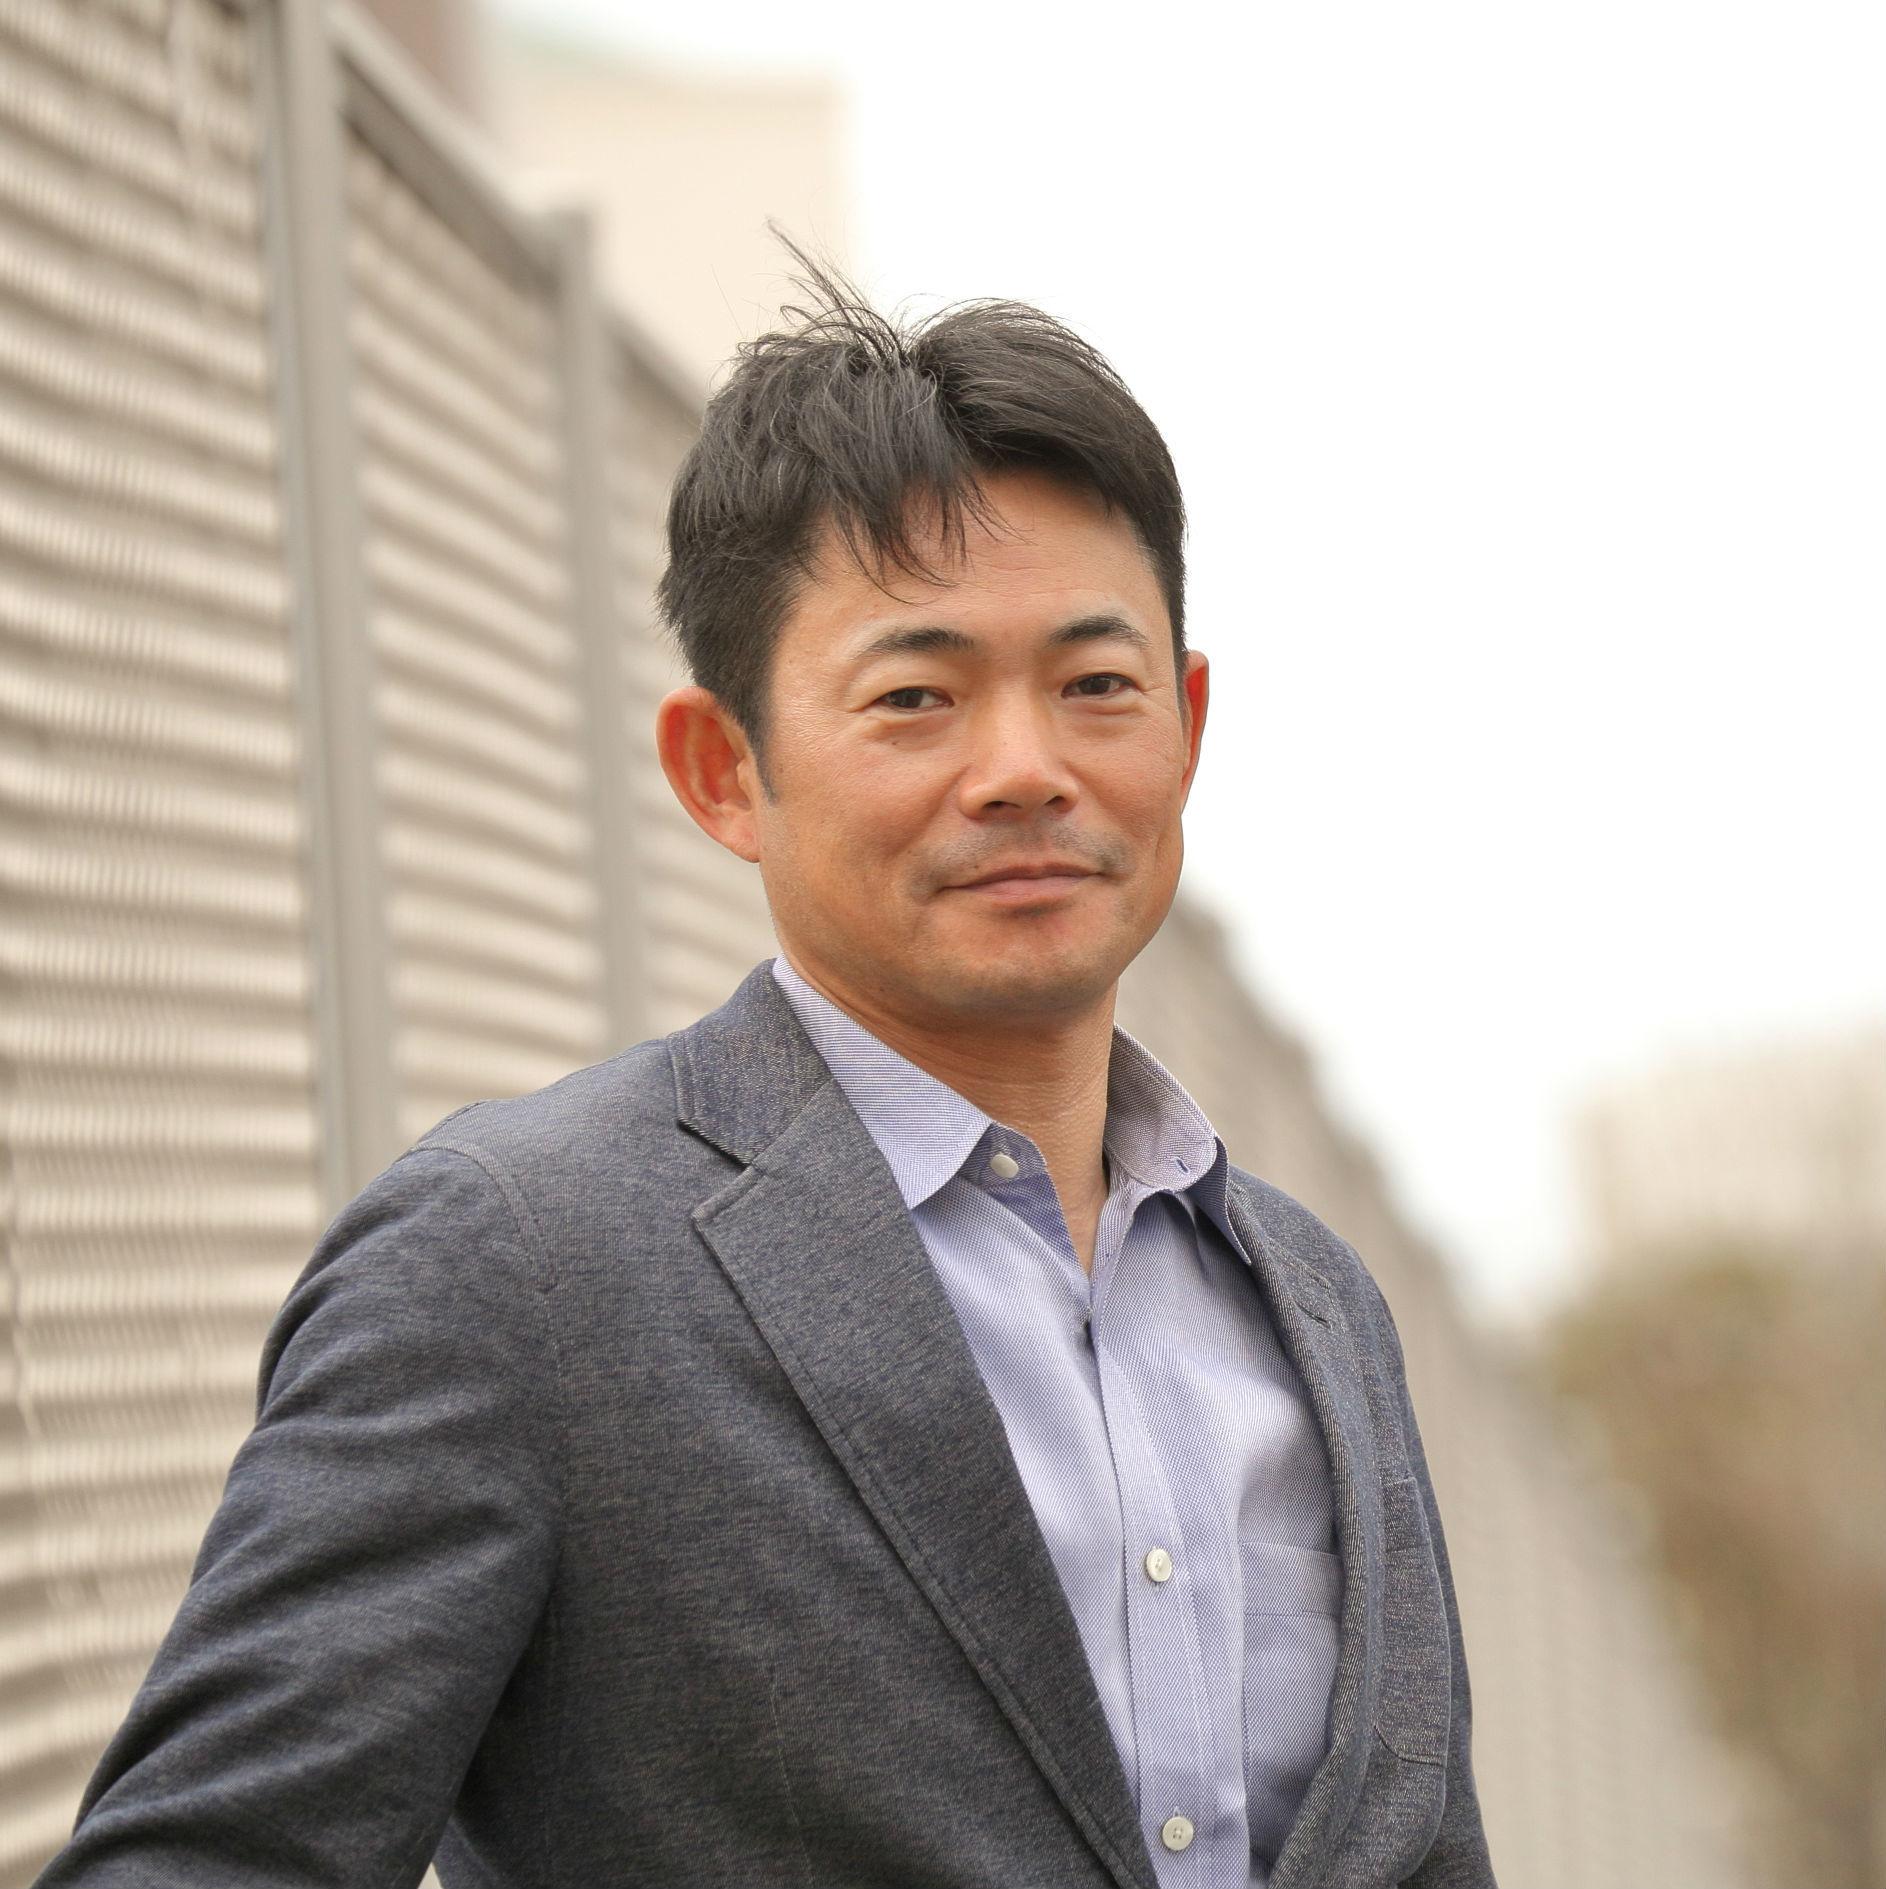 松井秀喜をすごい選手だと言えた理由。仁志敏久氏が感じる「生き抜く力」